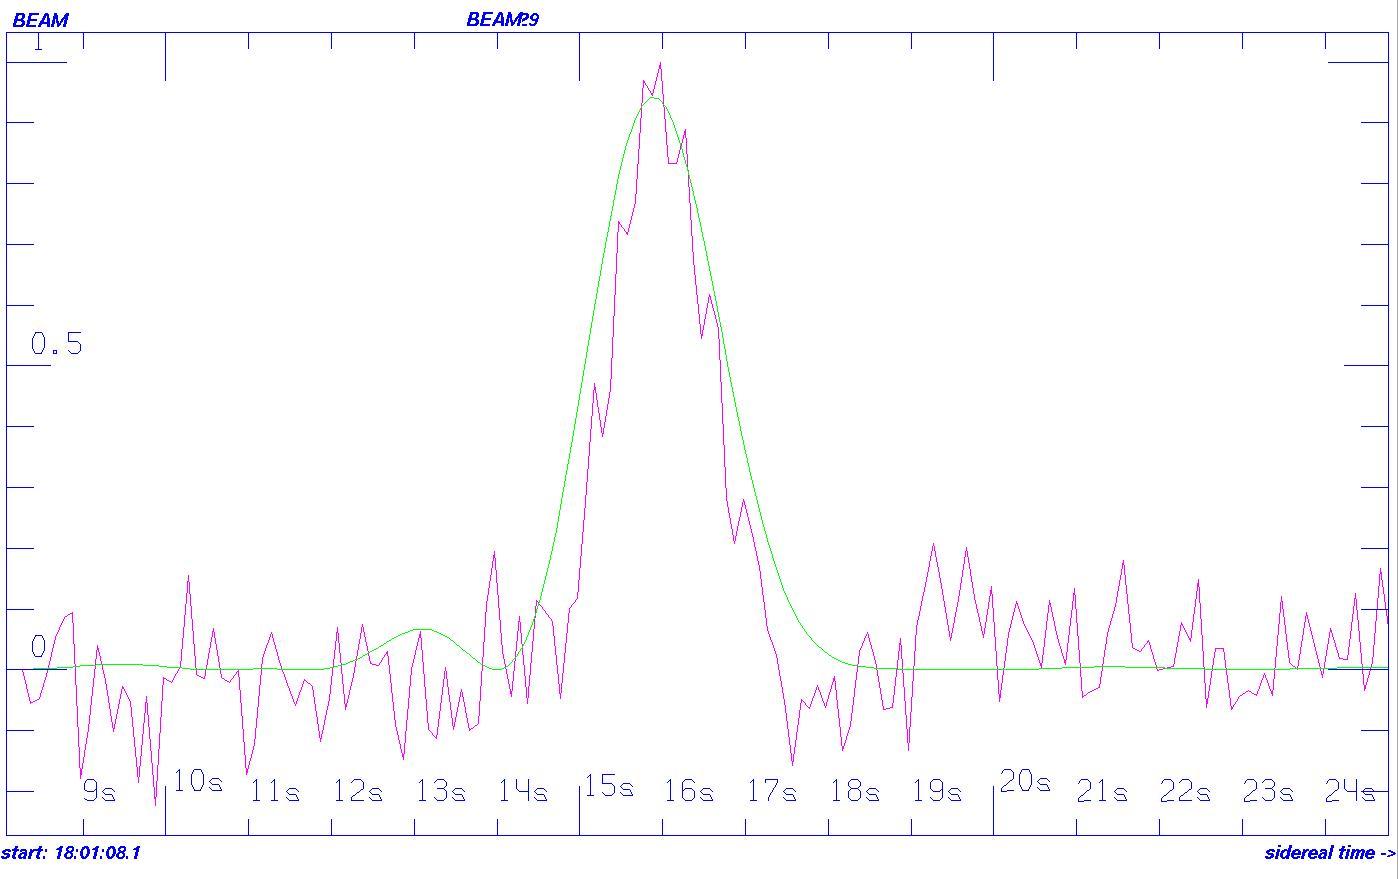 Мощный аномальный радиосигнал из космоса, о котором активно сообщали СМИ, скорее всего земного происхождения - 3